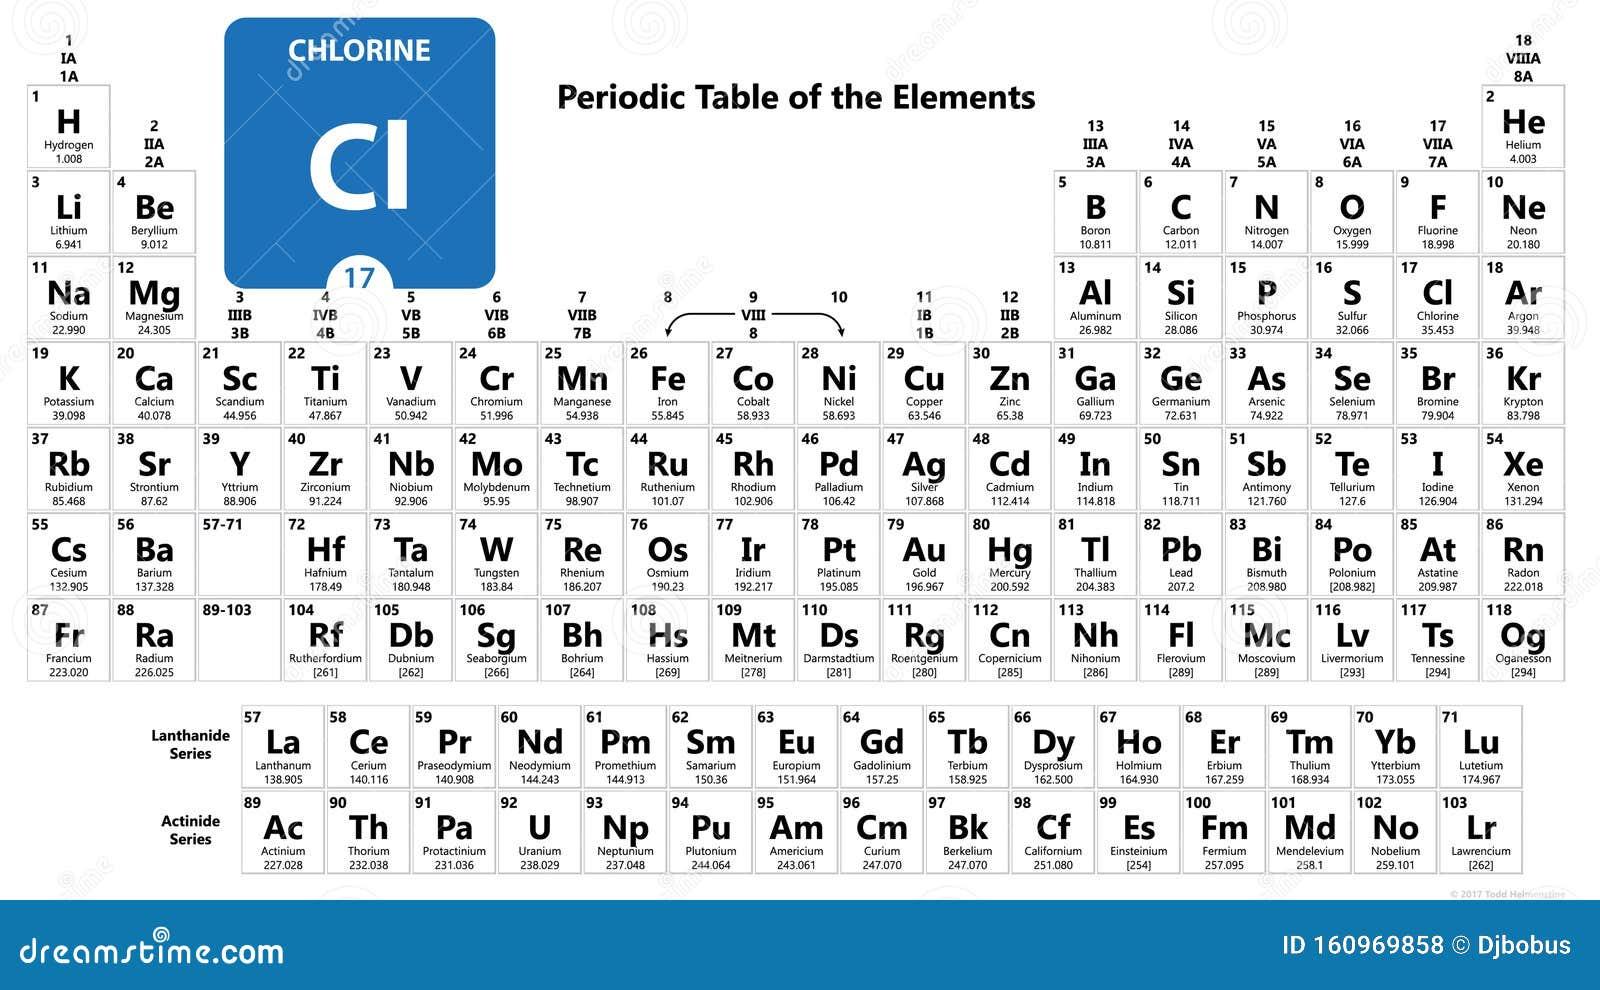 Element Chimique Cl Chlore Signe De Chlore Avec Numero Atomique Element Chimique 17 Du Tableau Periodique Tableau Periodique De Illustration Stock Illustration Du Atomique Element 160969858